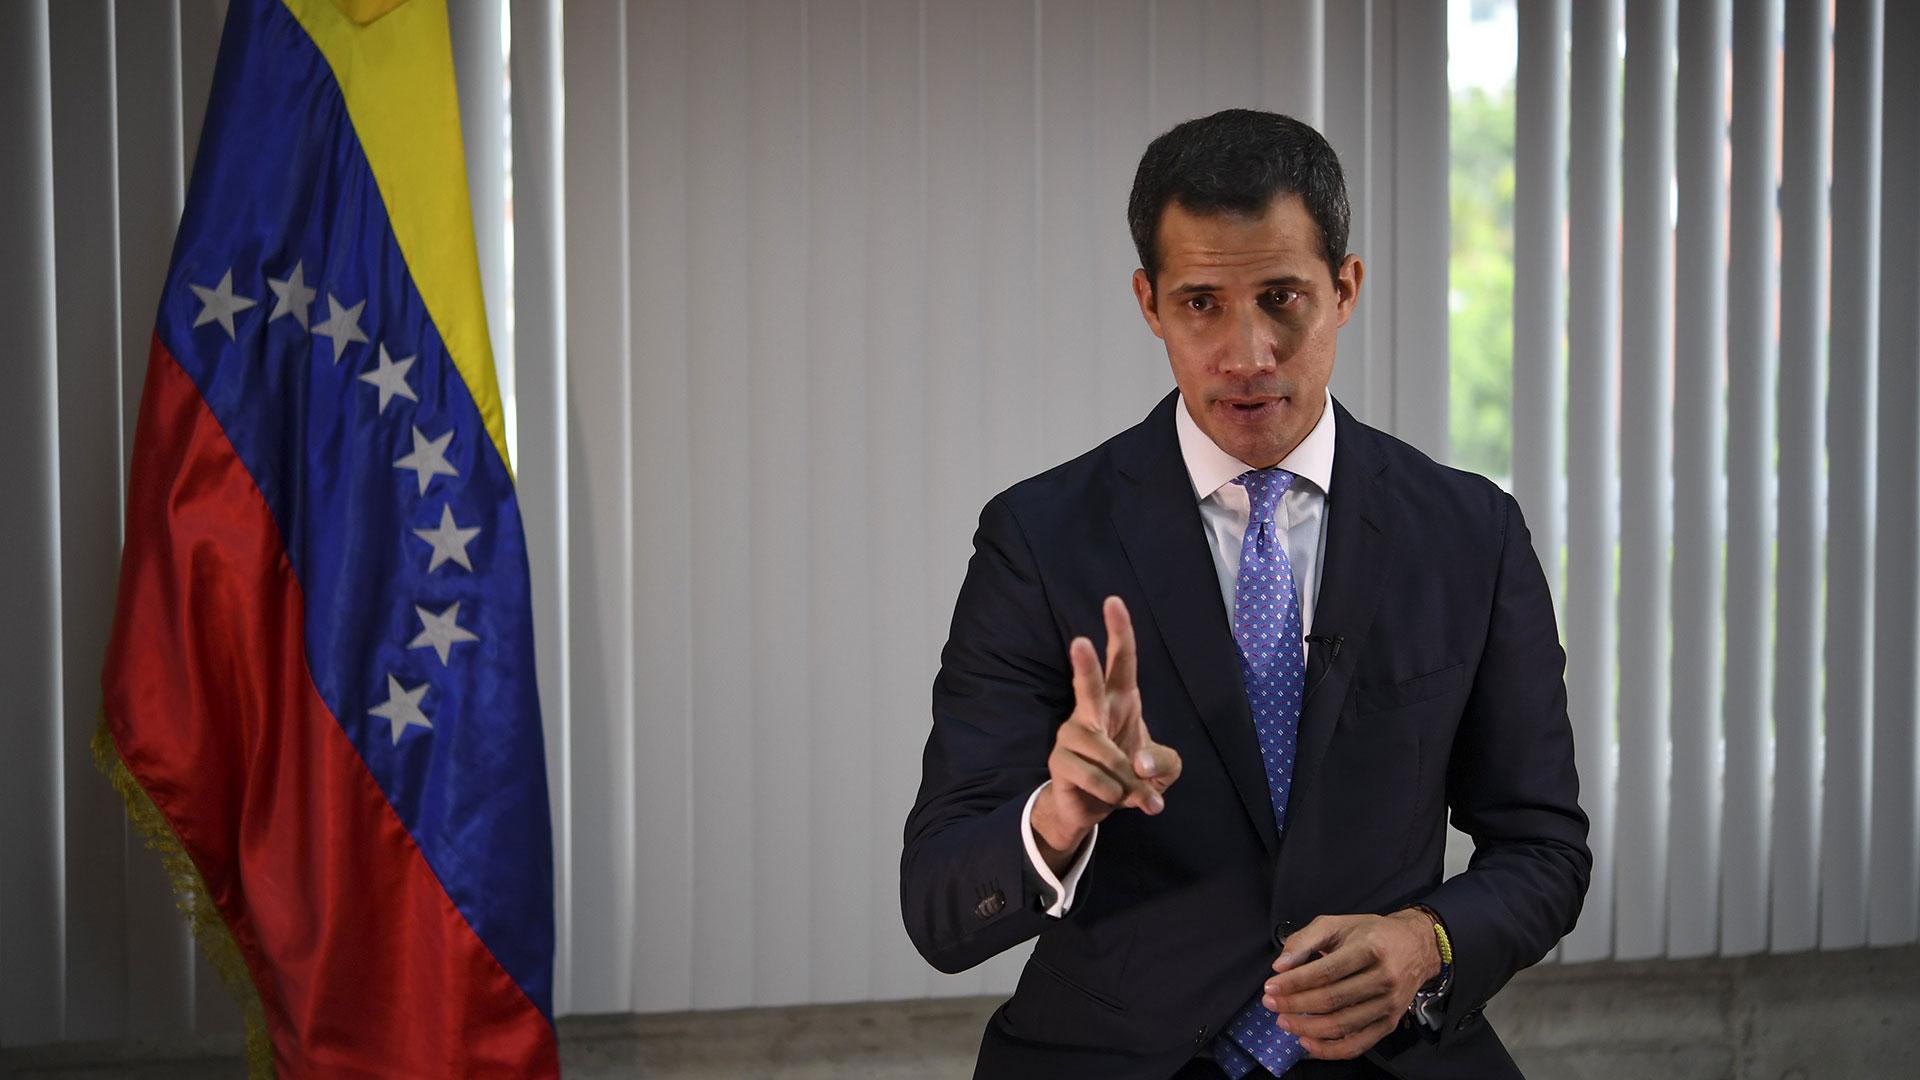 Acuerdo temporal de la oposición de Venezuela con acreedores norteamericanos